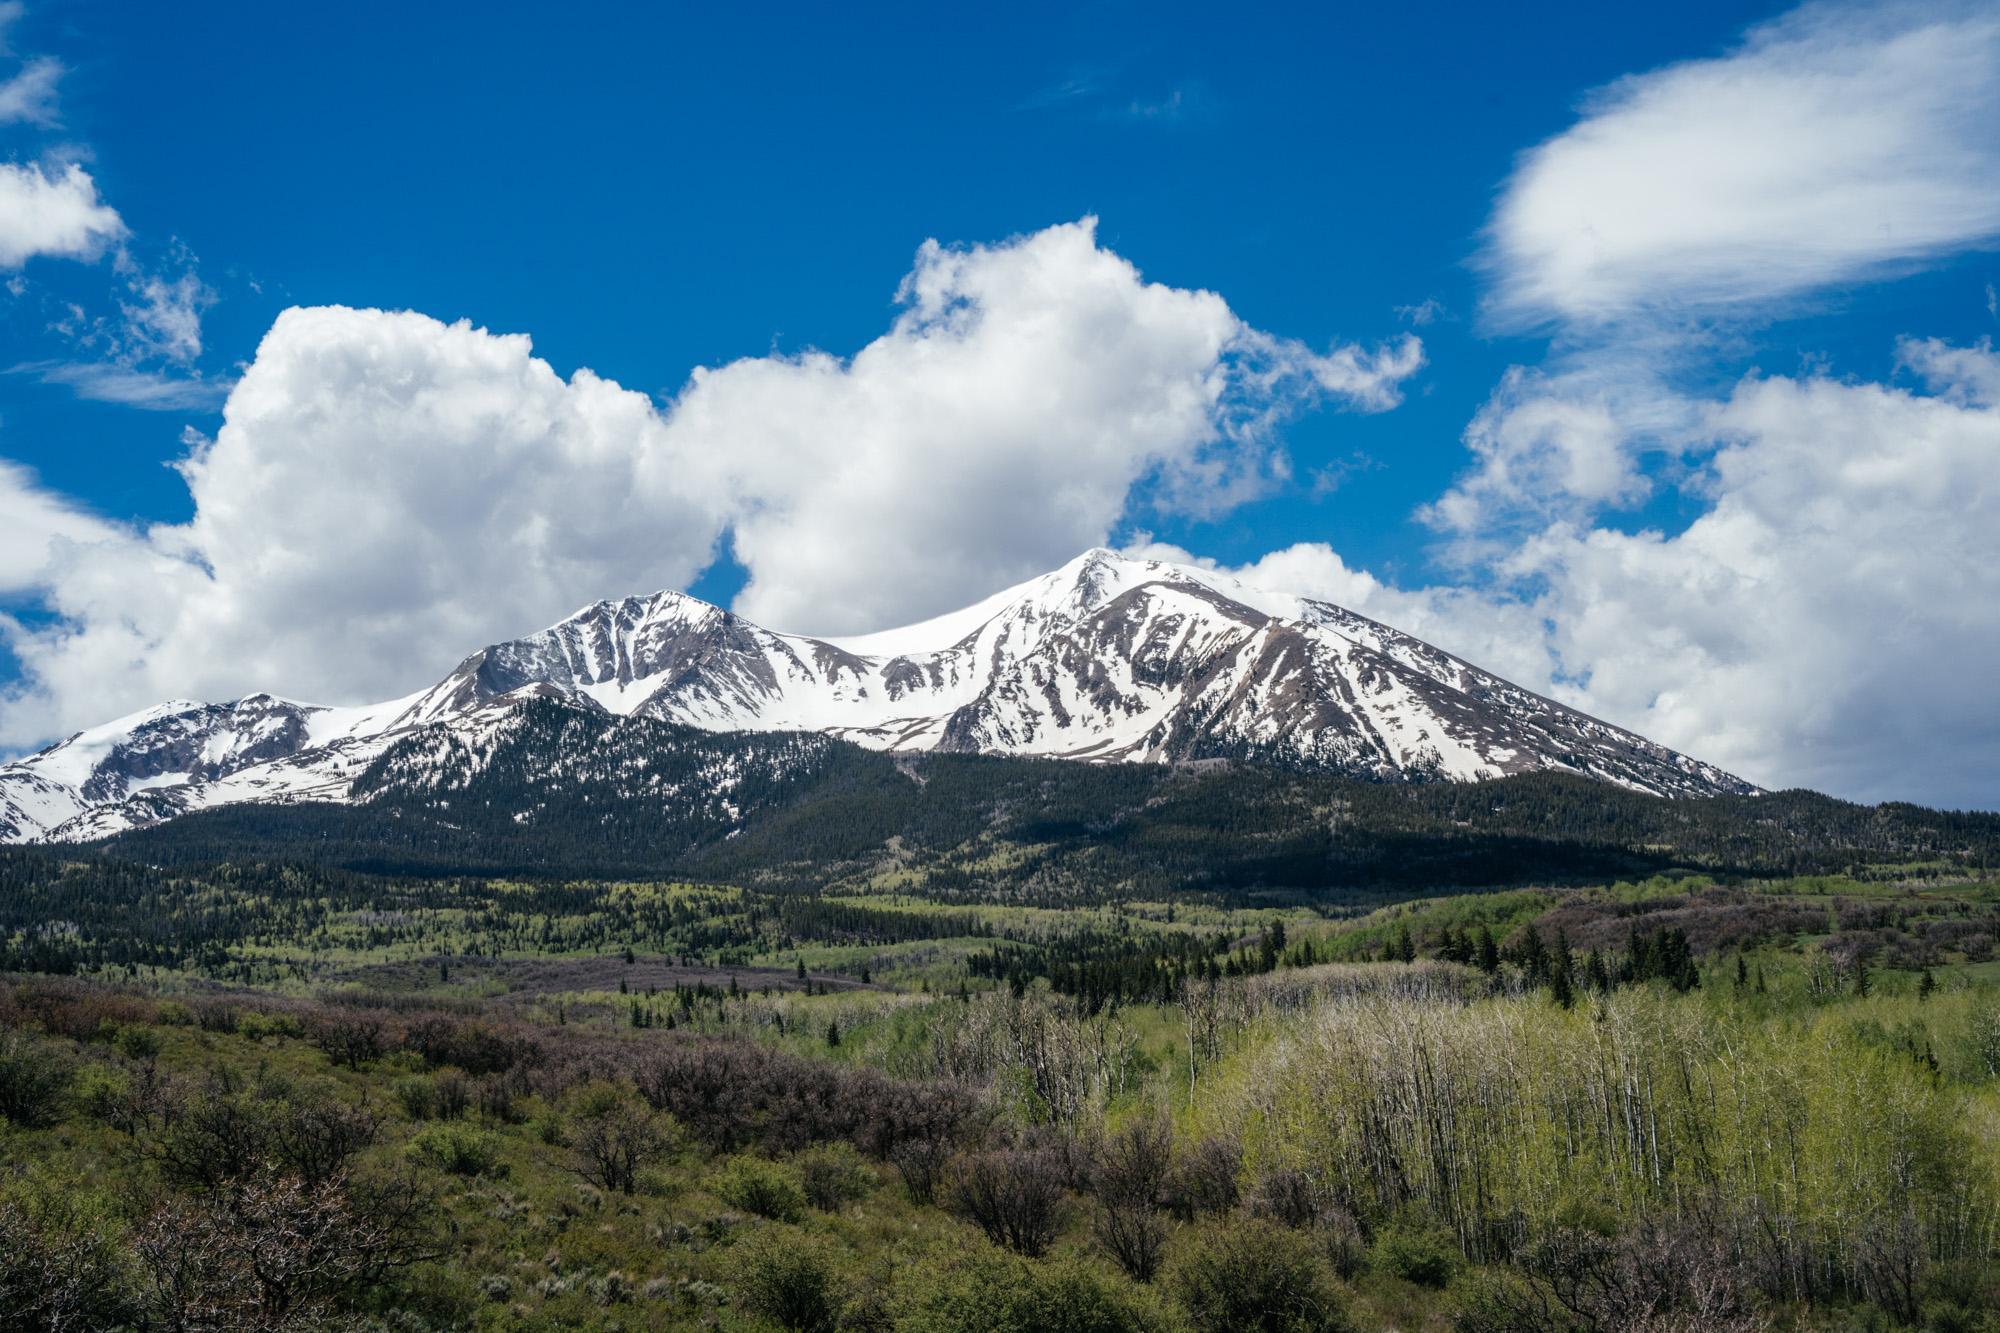 Sopris Peak